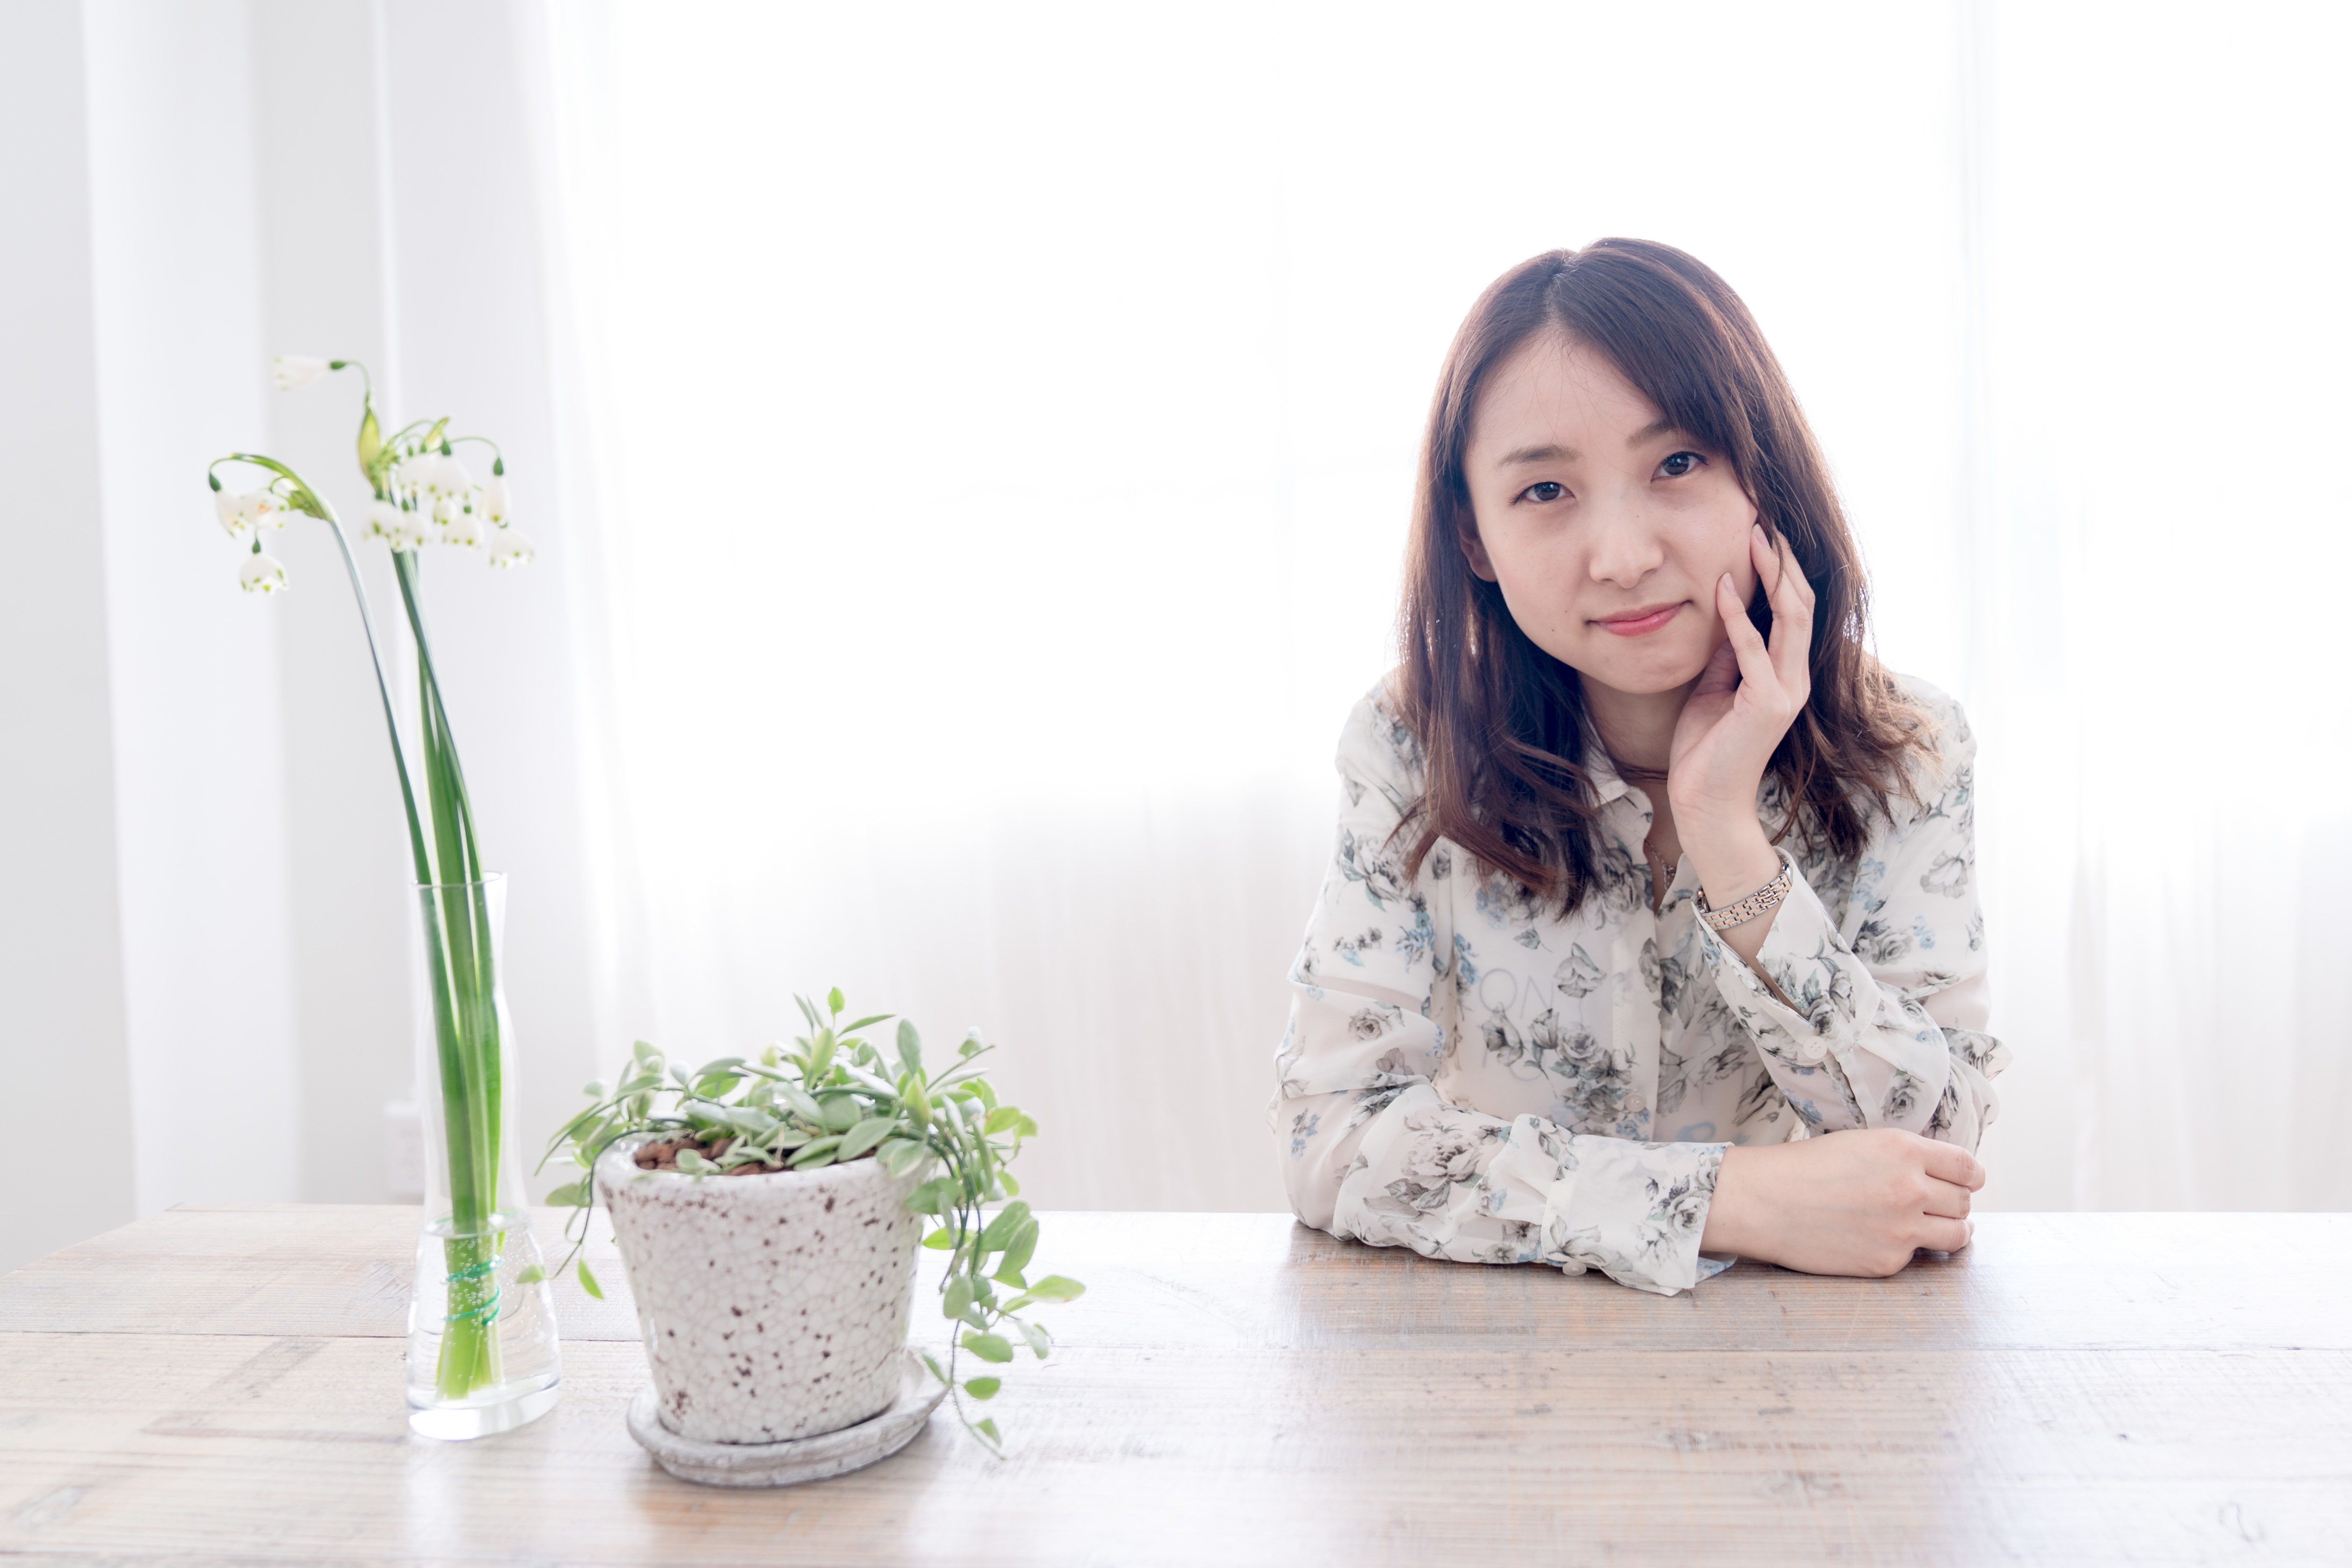 リリース記念!配信楽曲MVのDVDをお届け~ミニ写真集付きプラン☆~